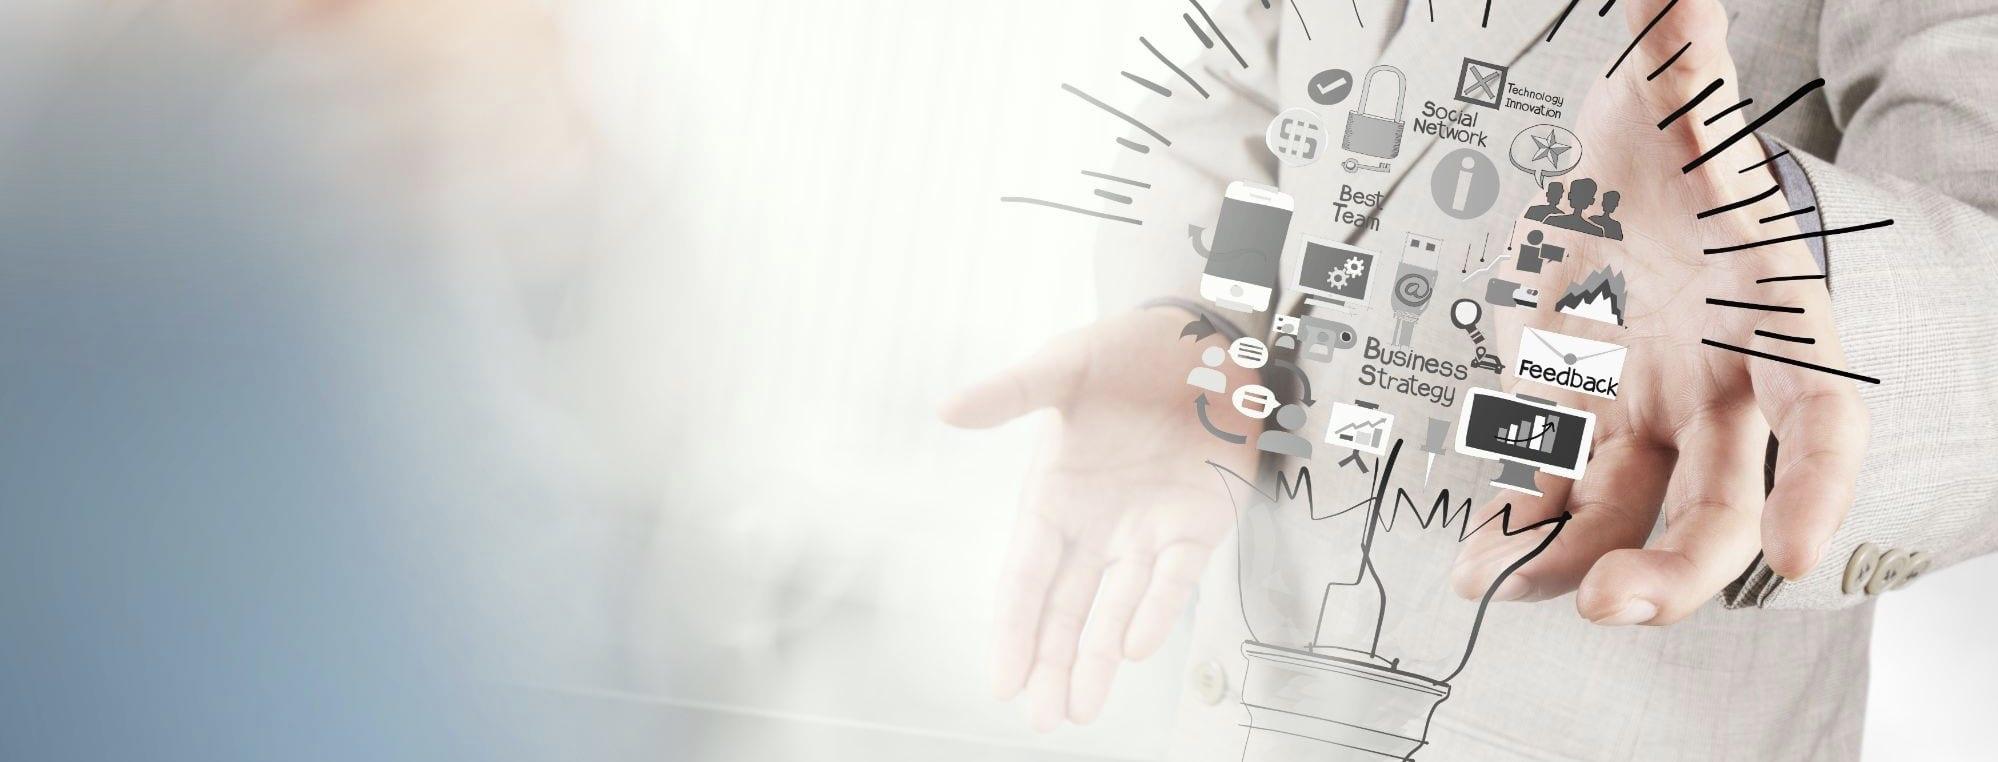 prooV innovation blog